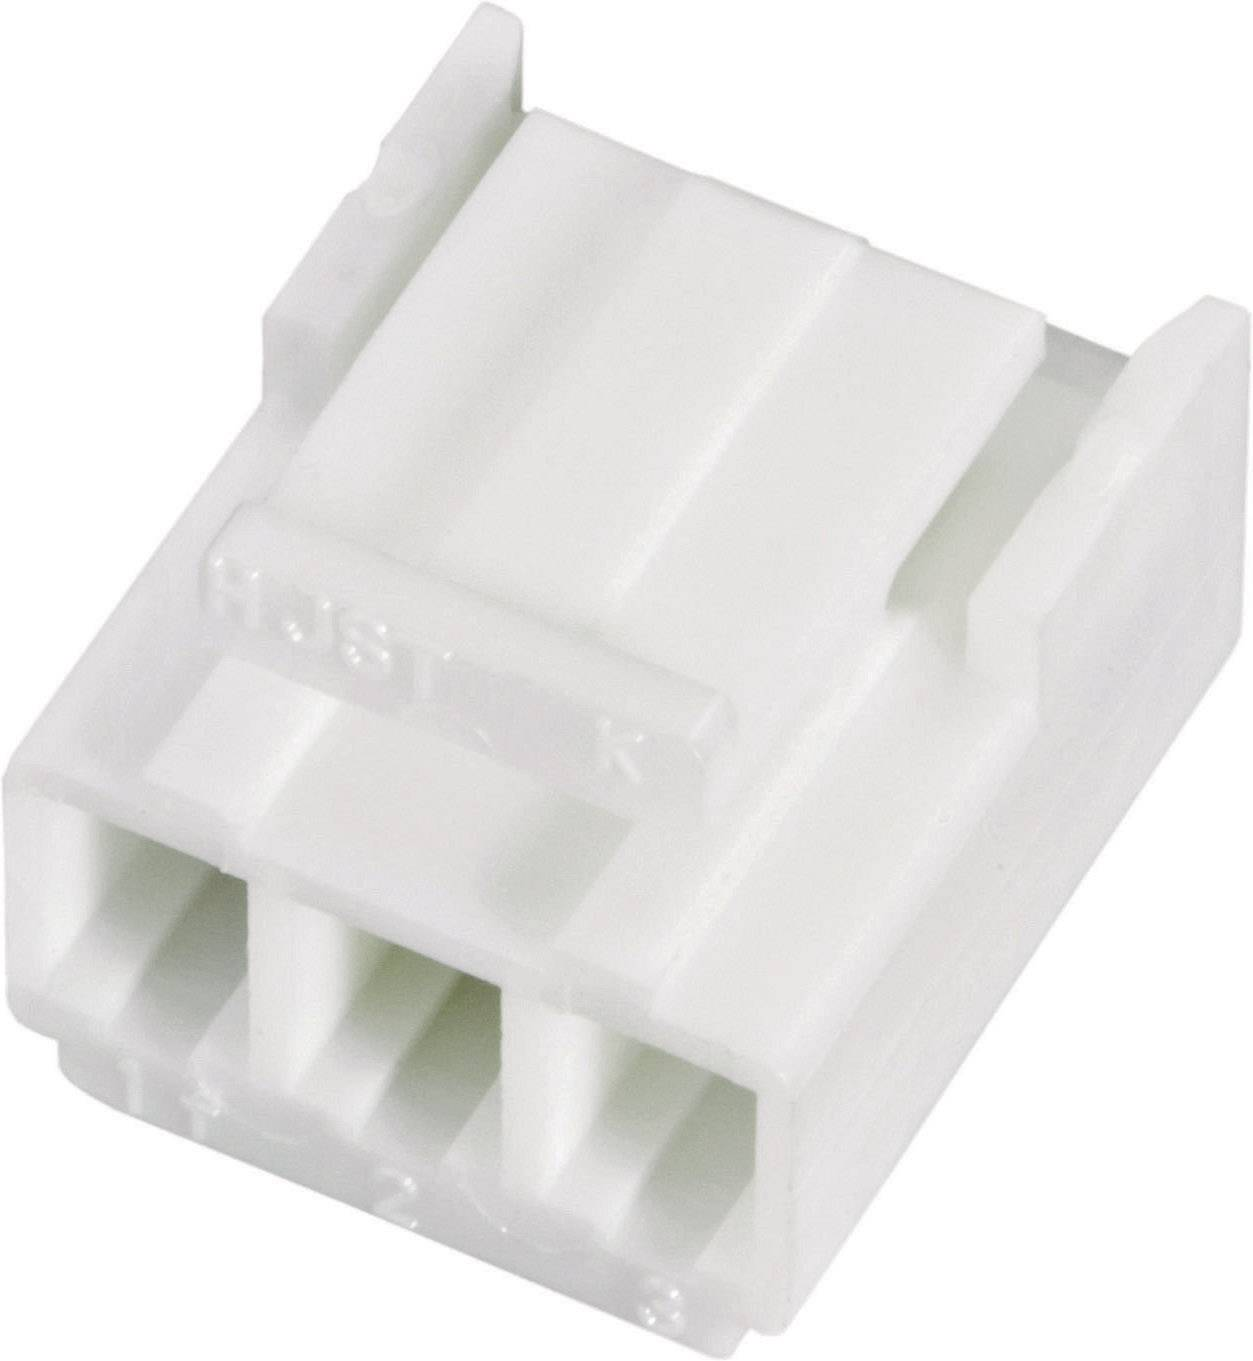 Zásuvková lišta (štandardná) JST VHR-6N VHR-6N, 14.6 mm, pólů 6, rozteč 3.96 mm, 1 ks